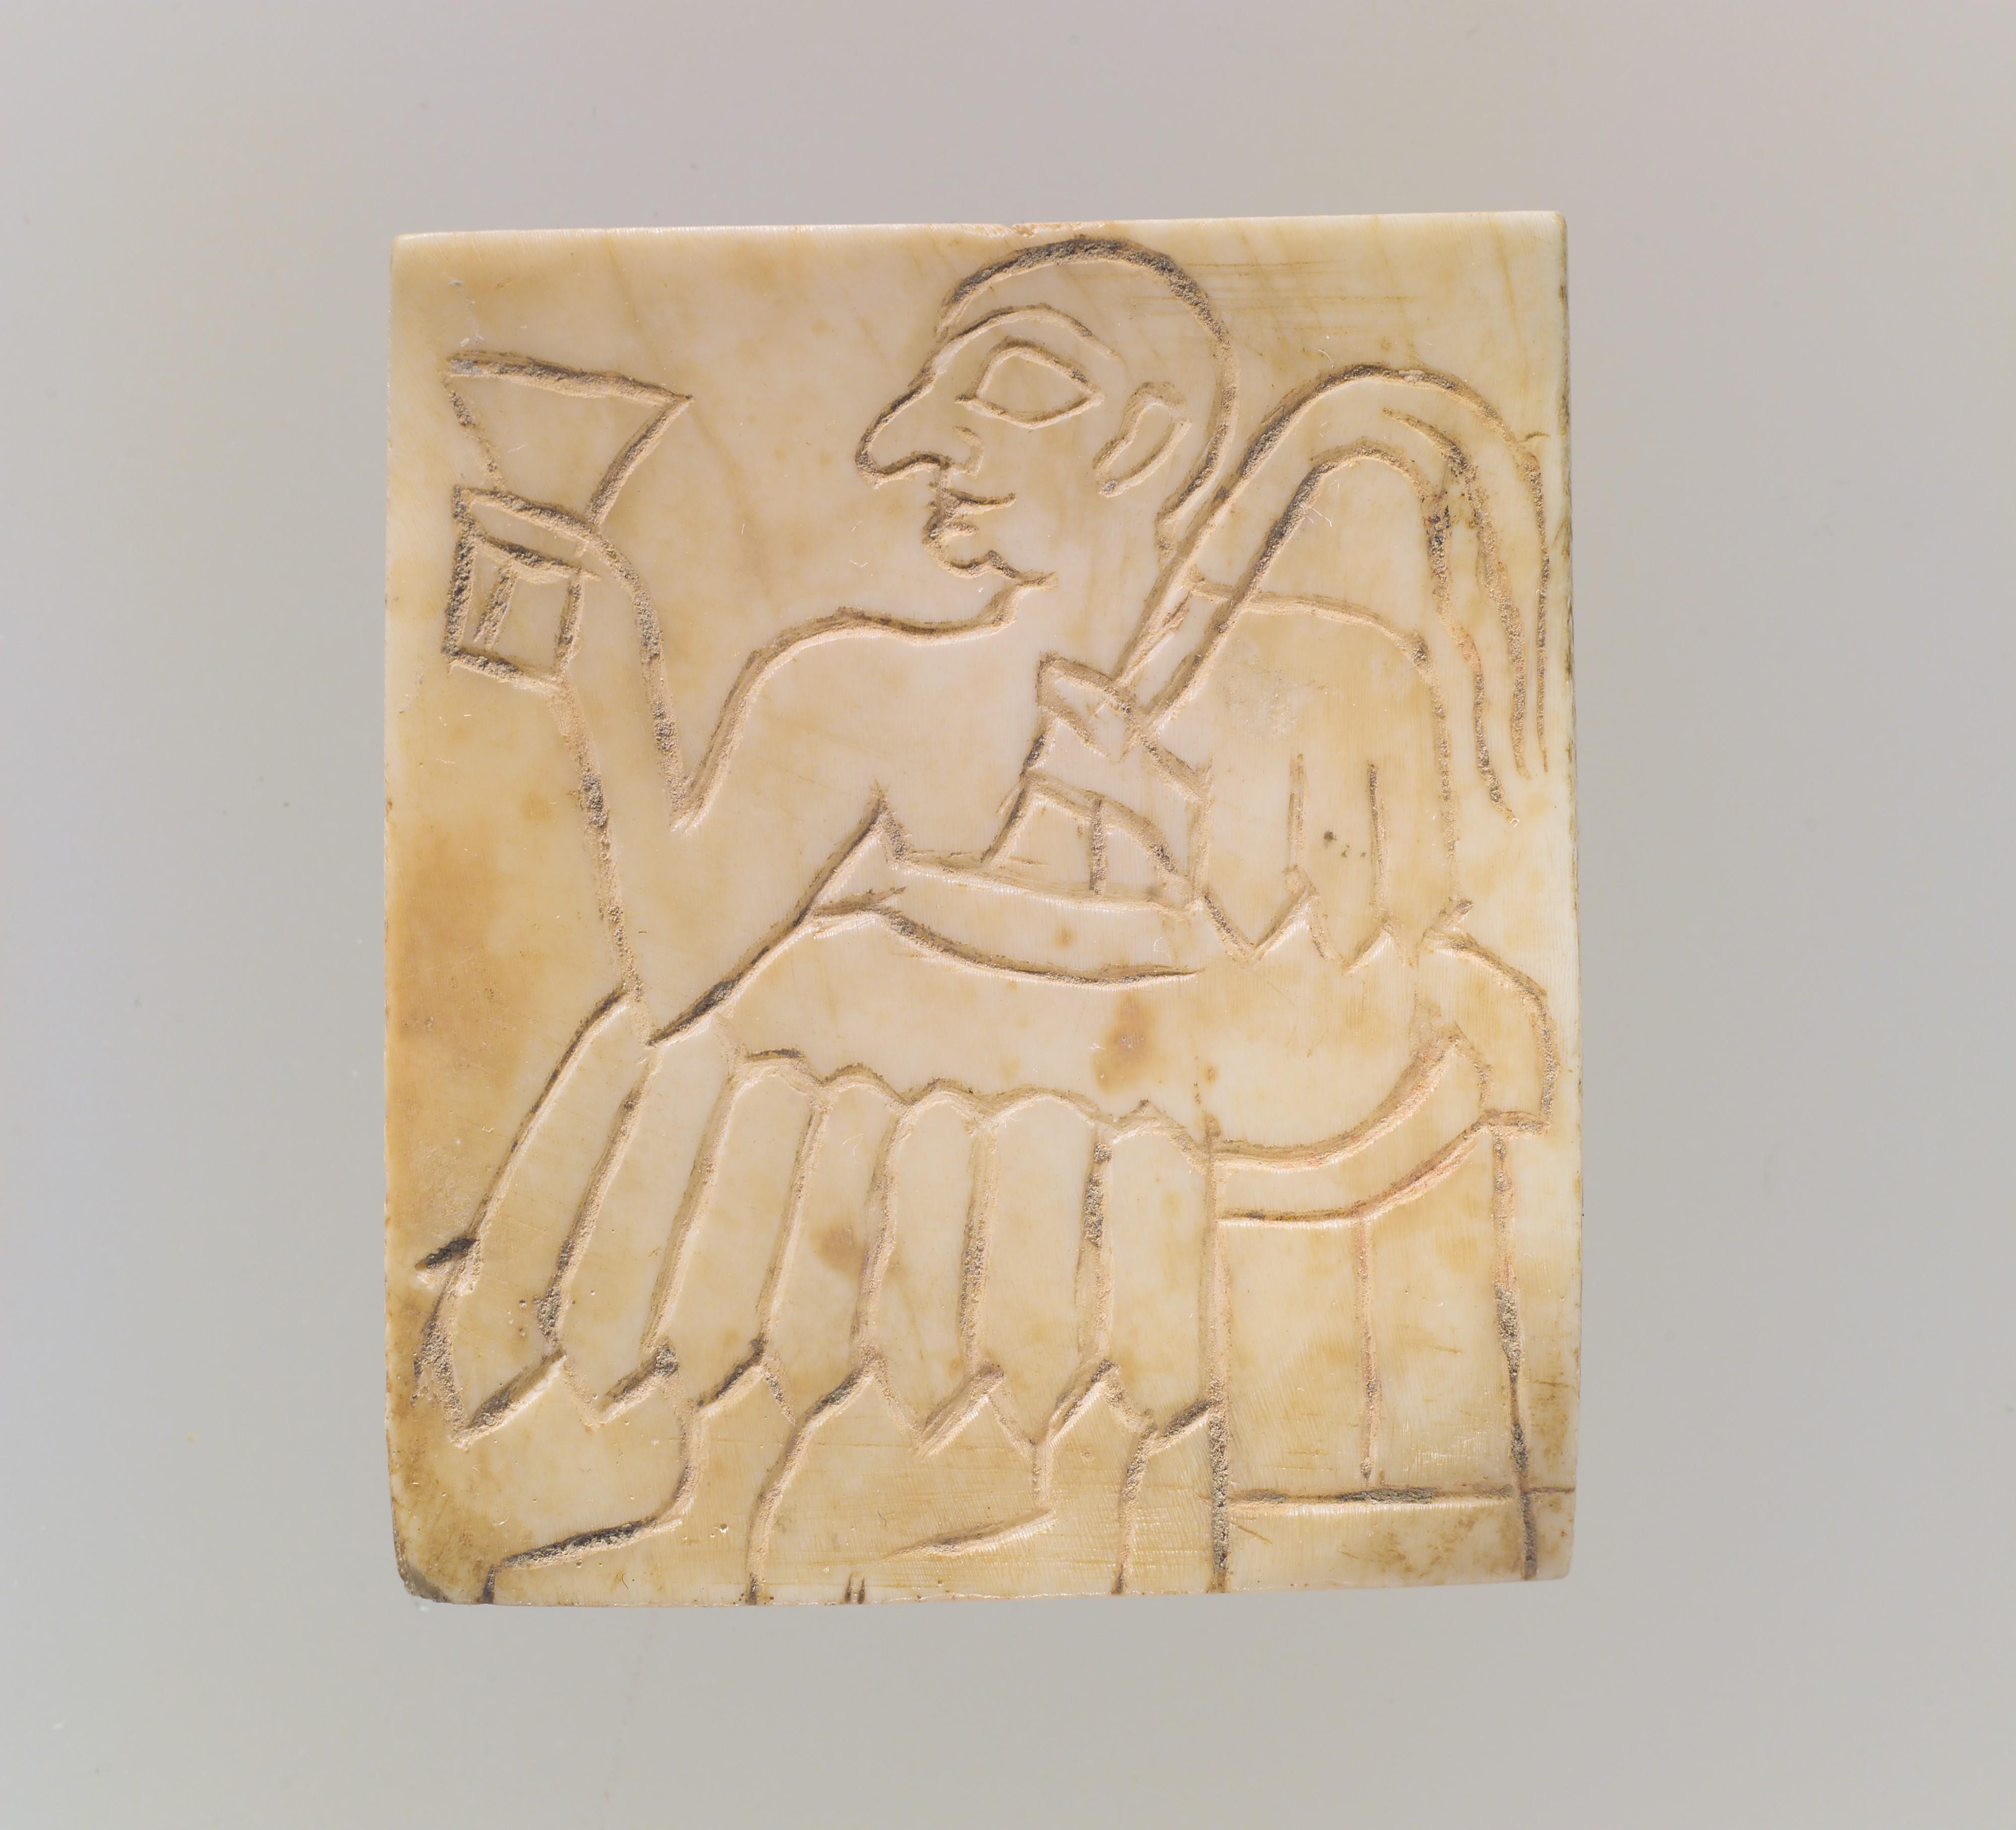 صورة تعود للعد السومري